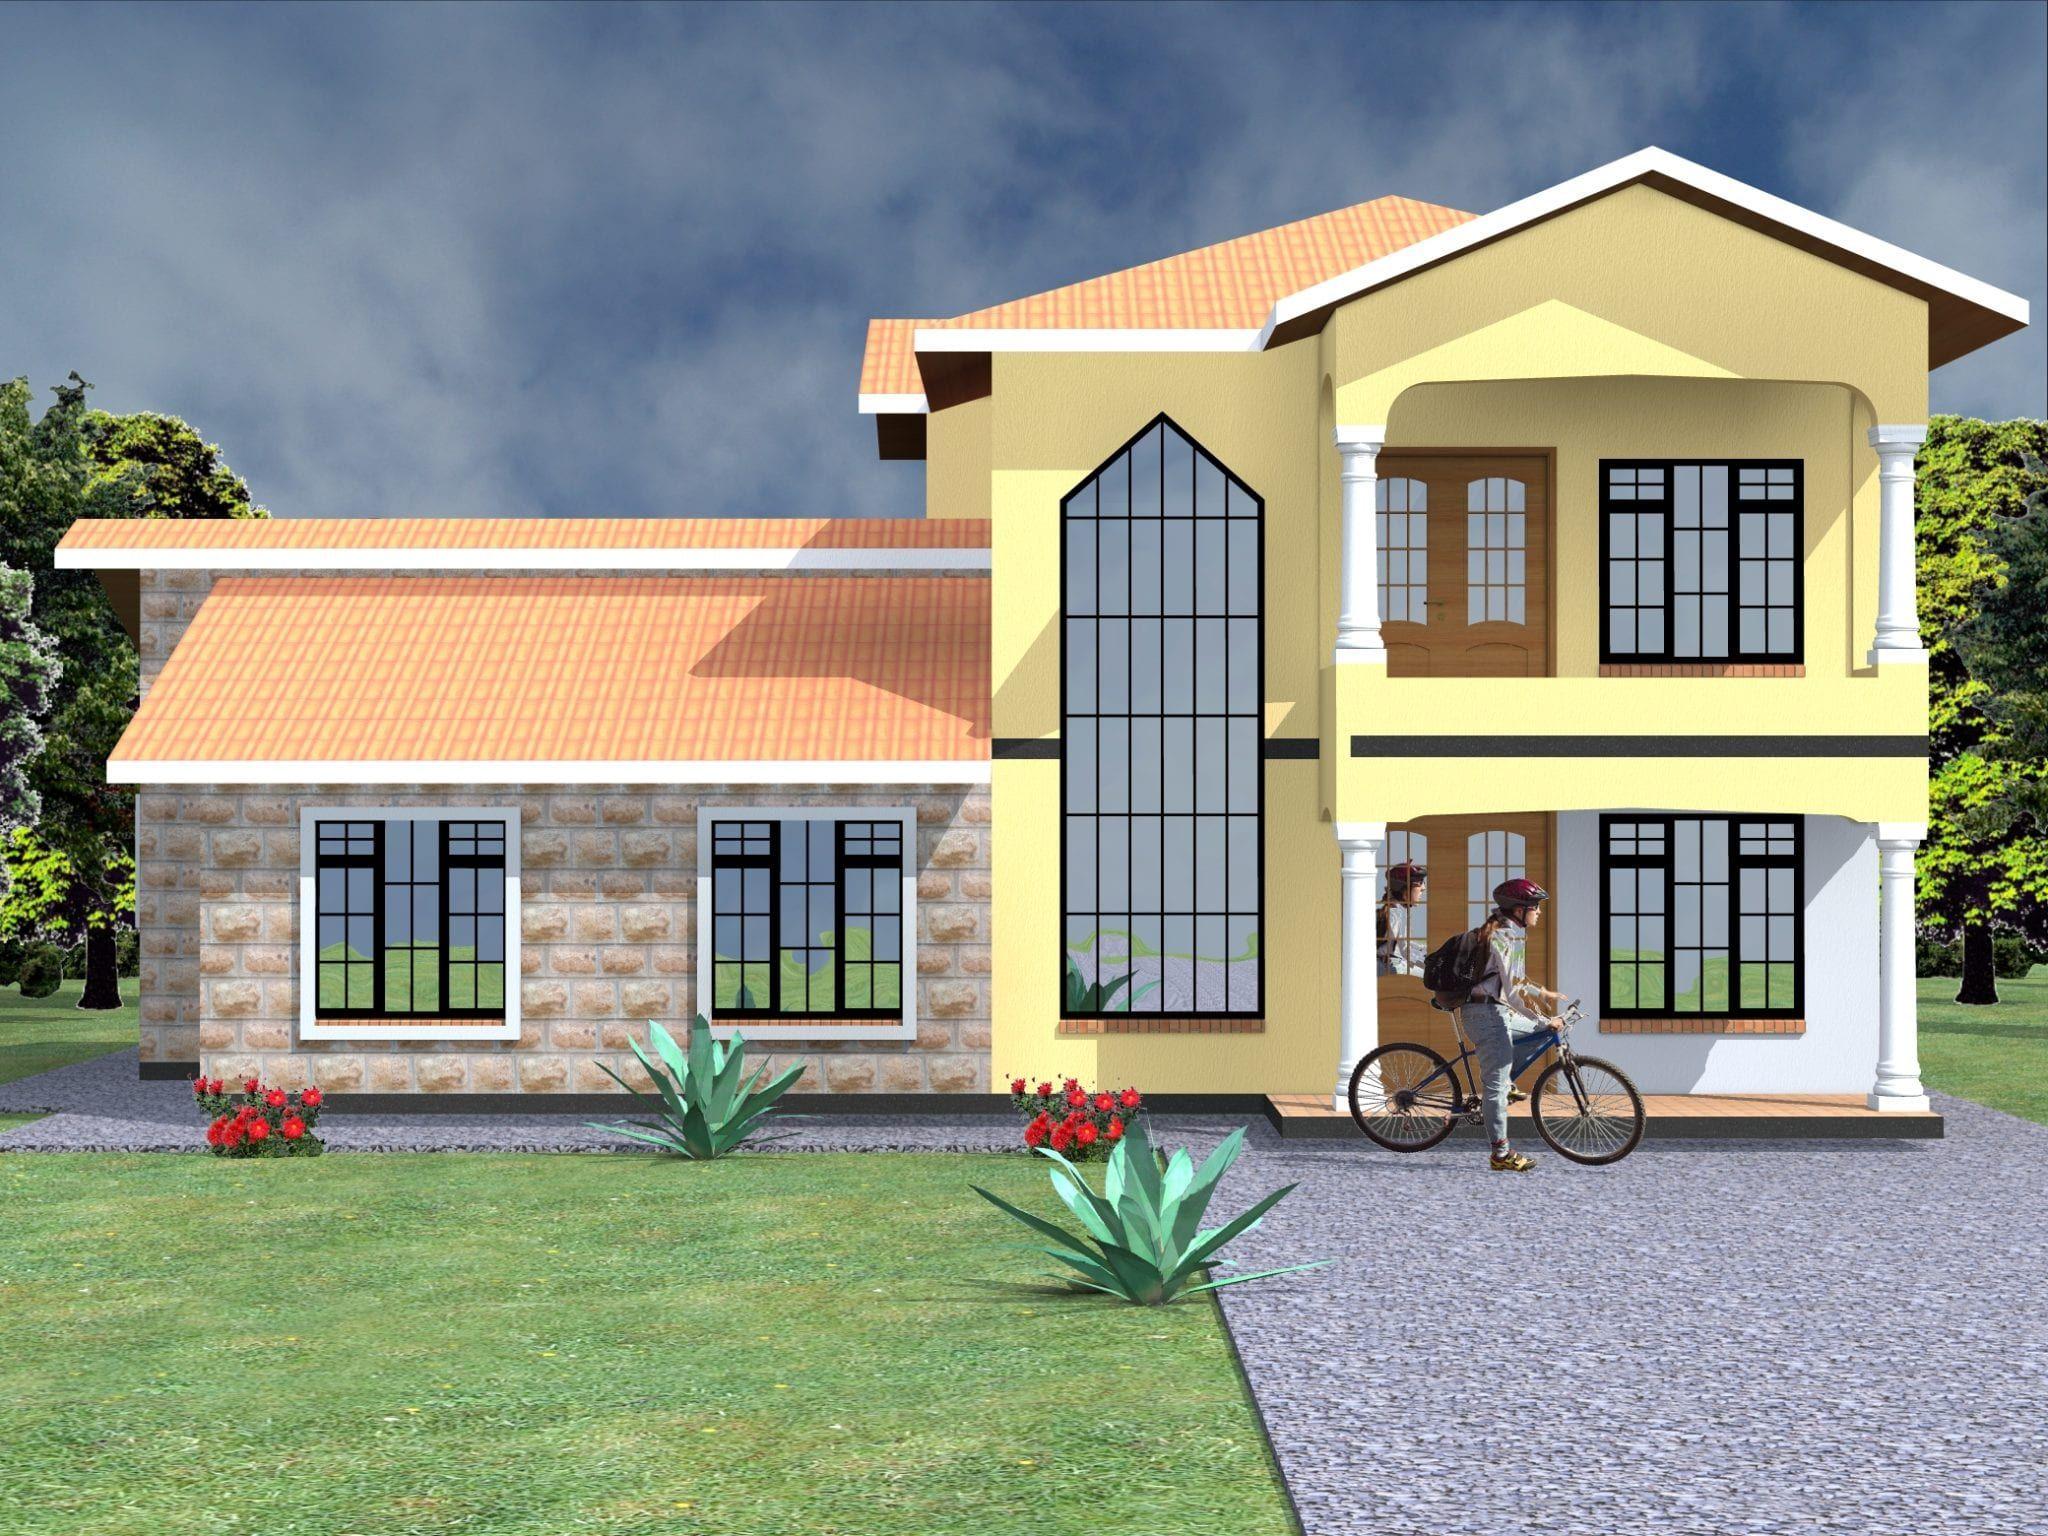 4 Bedroom Design 1029 A House Maisonette House Plans